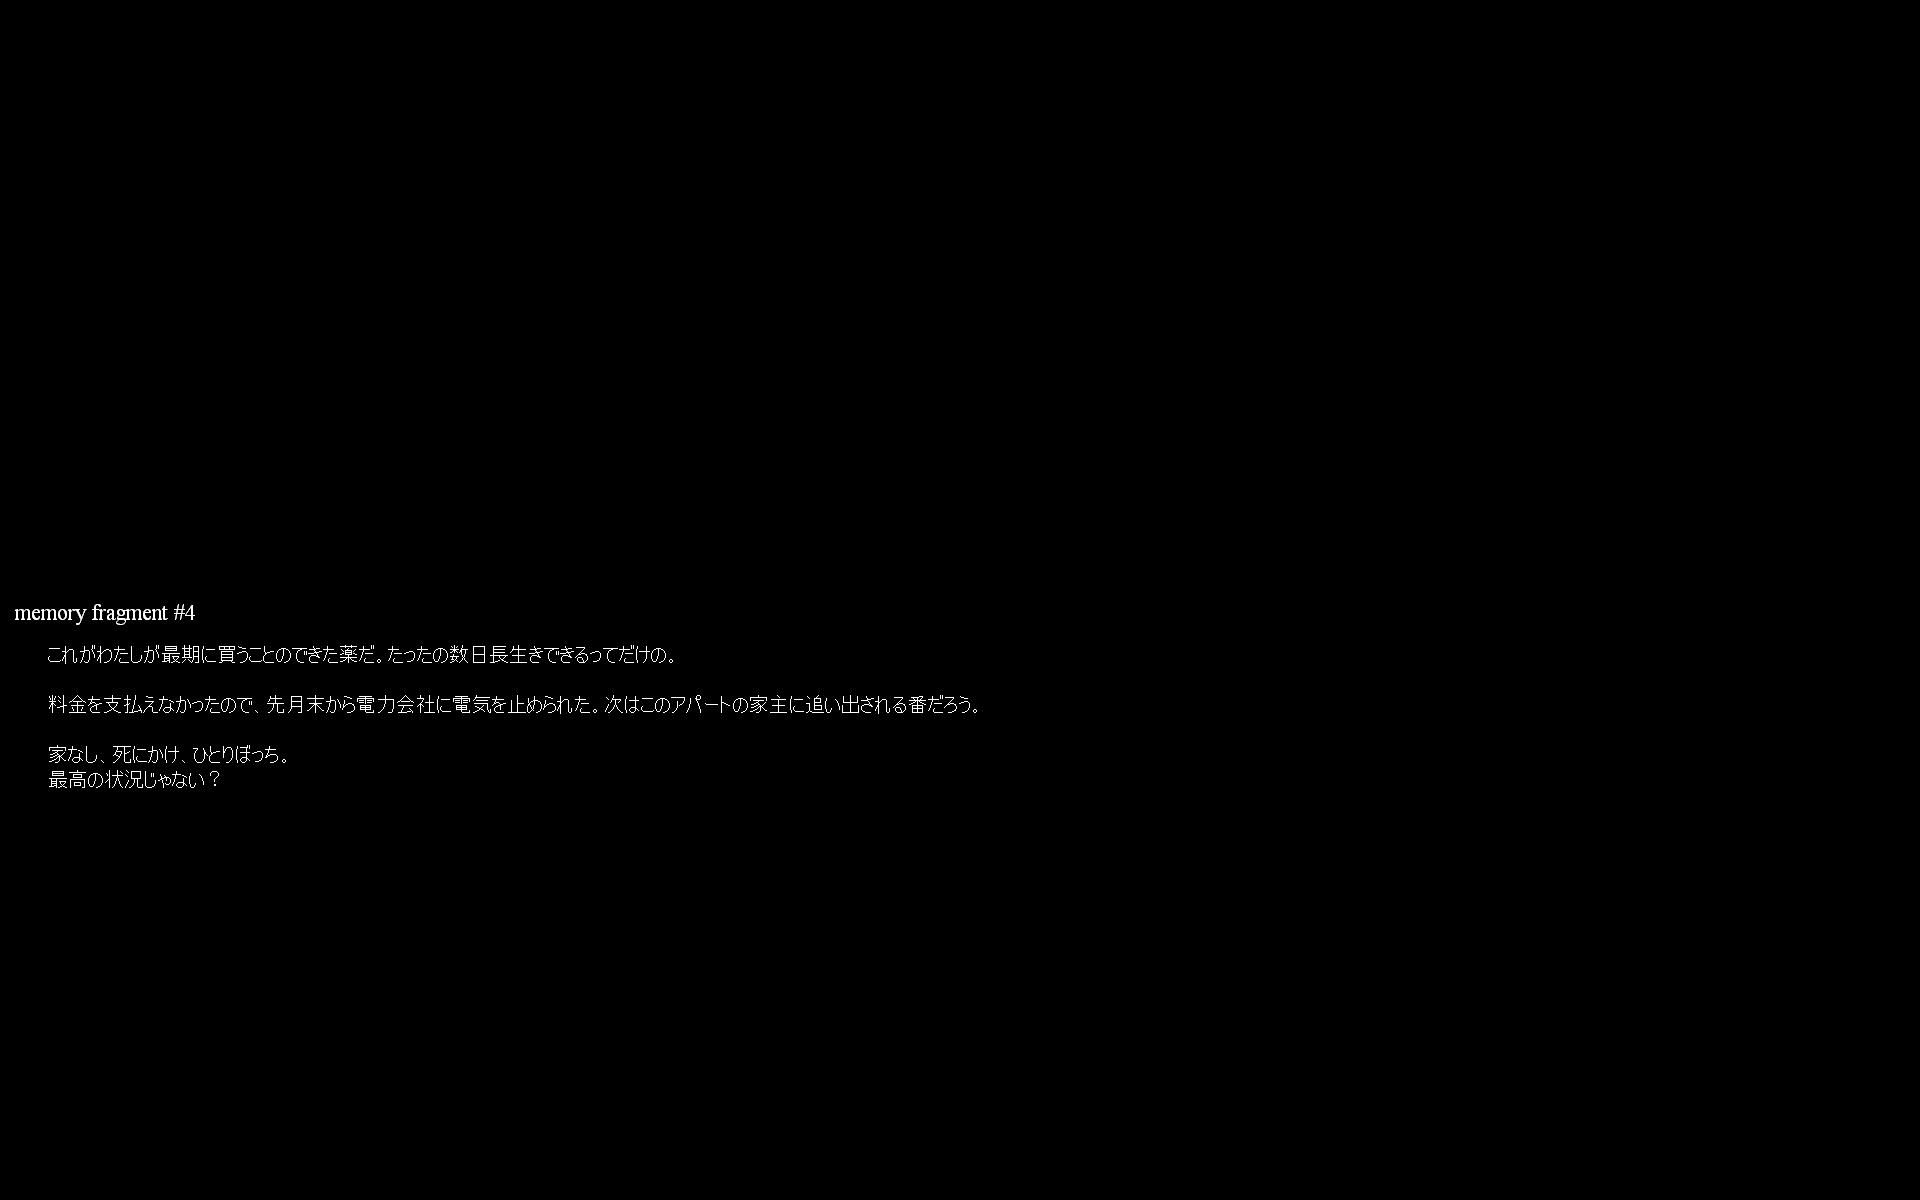 PC ゲーム Gone In November 日本語化メモ、日本語化後のスクリーンショット